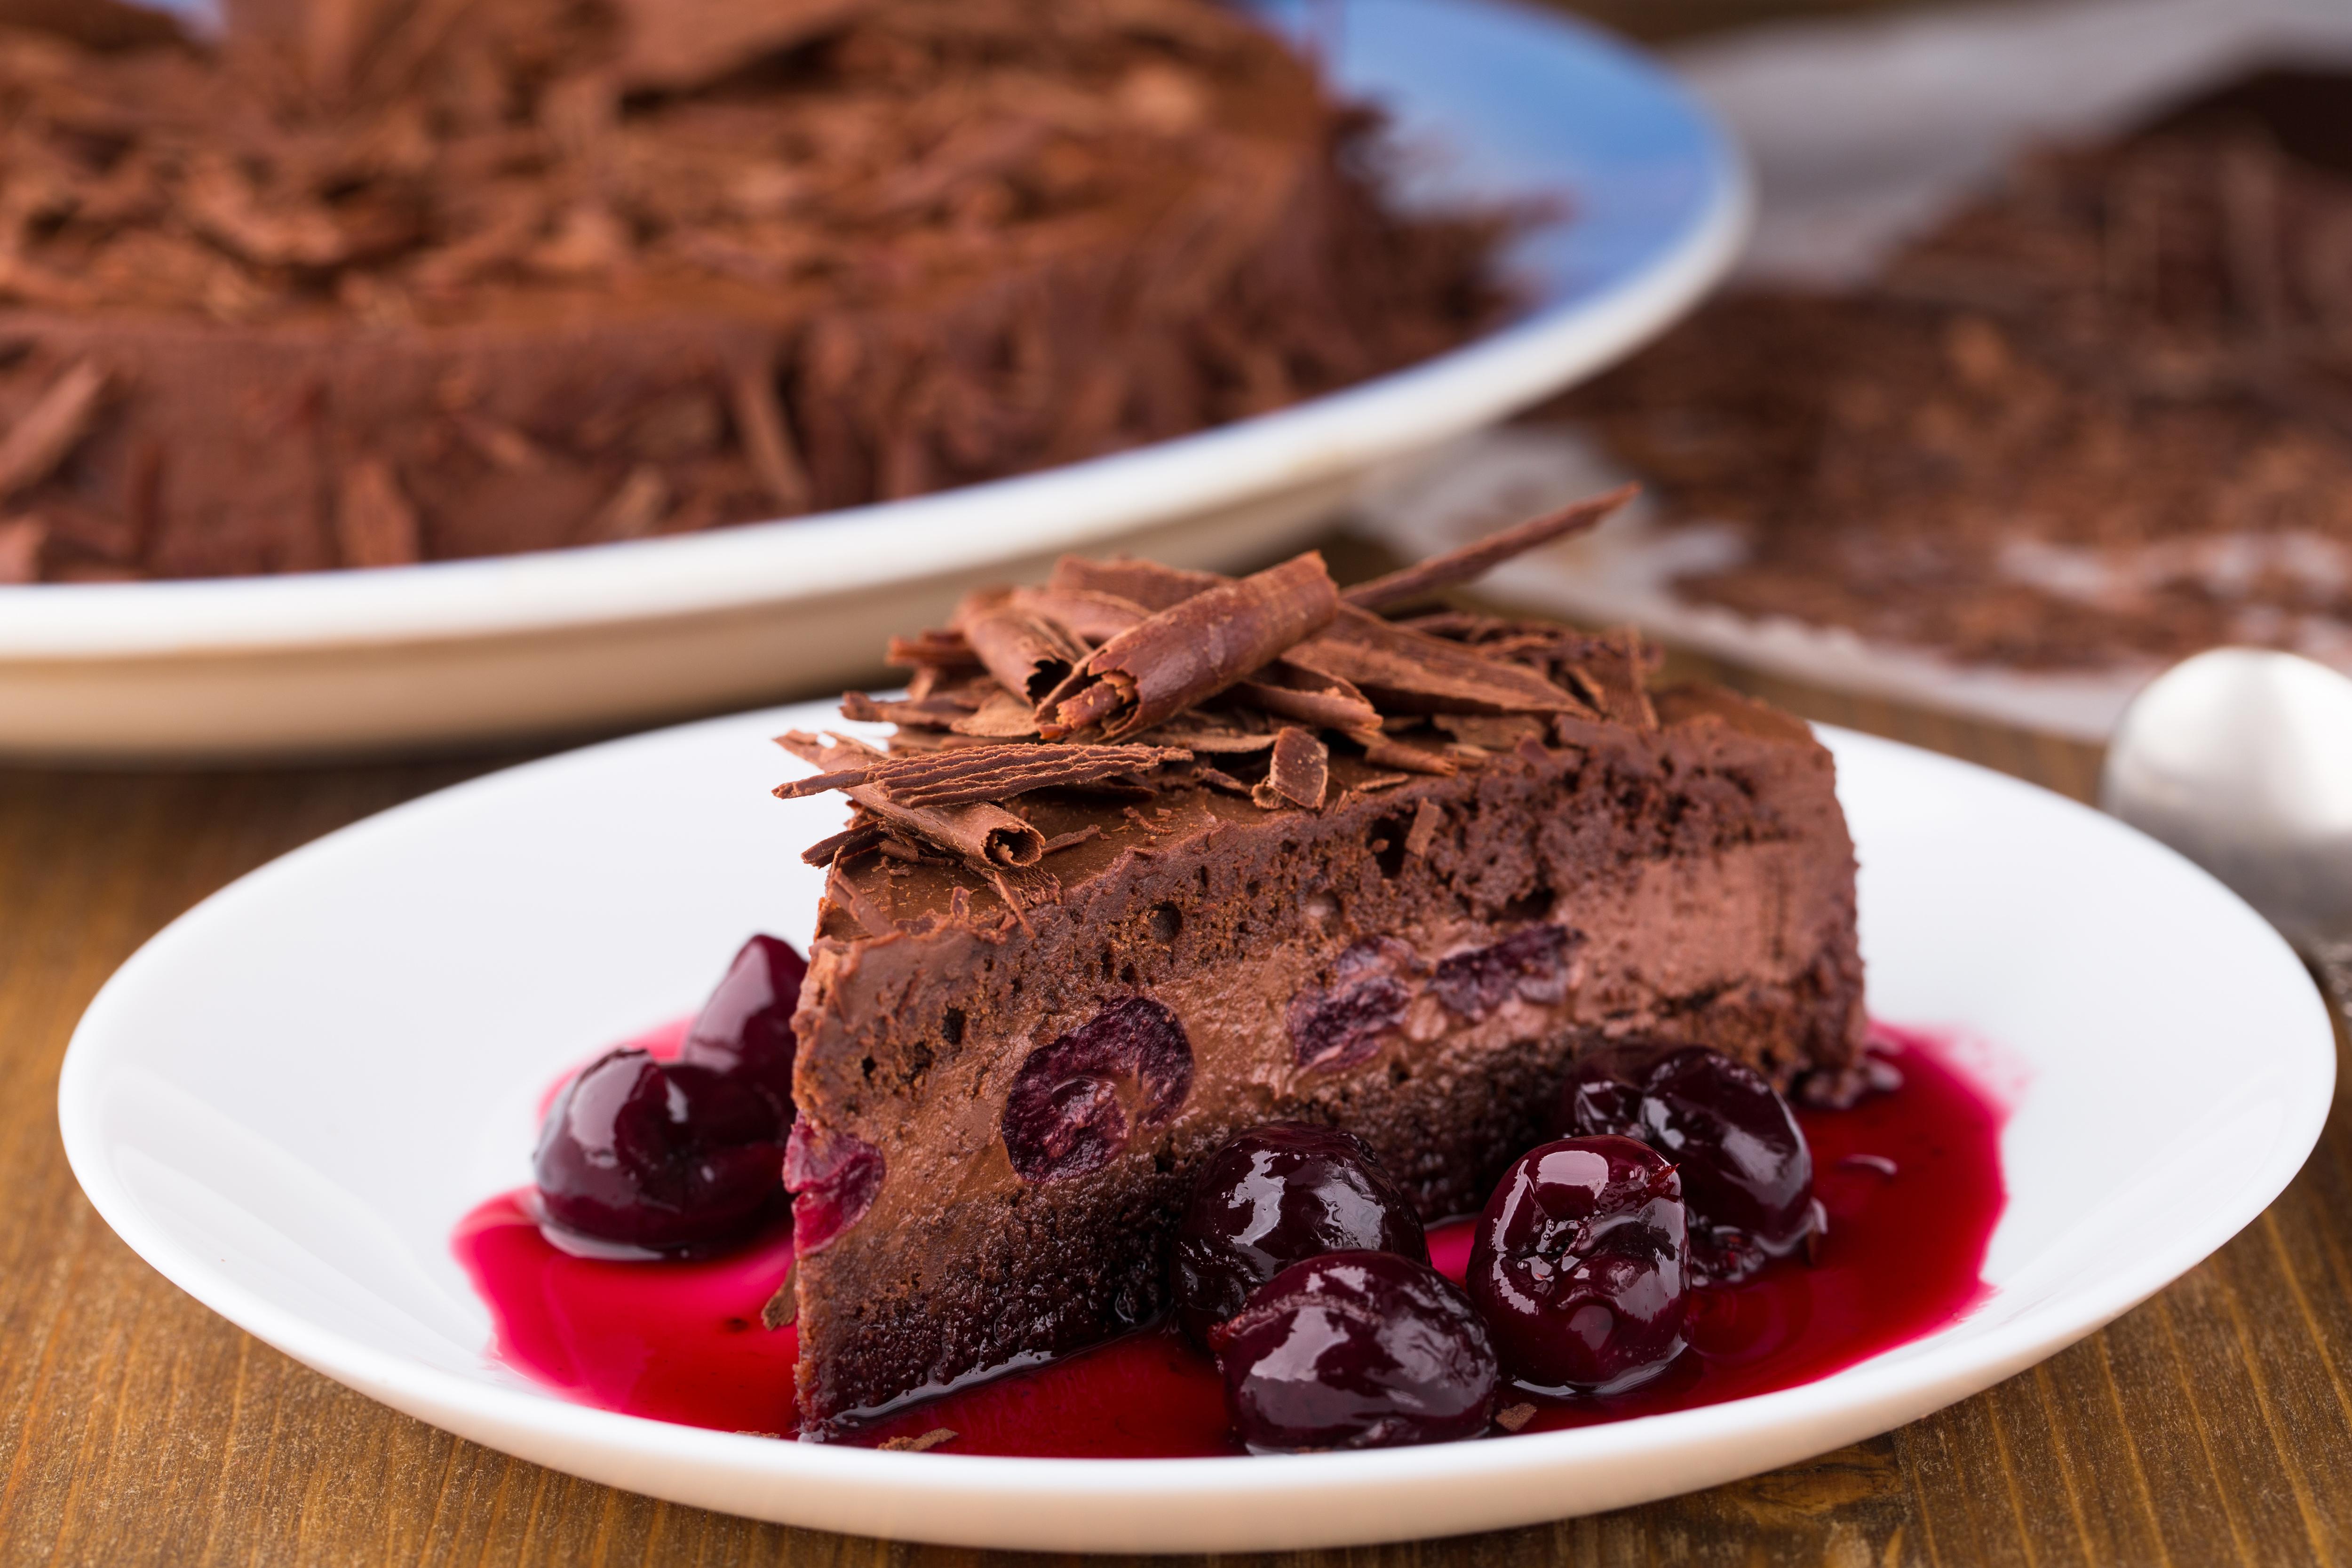 Картинки Шоколад Торты Кусок Вишня Пища 5000x3333 часть кусочки кусочек Черешня Еда Продукты питания